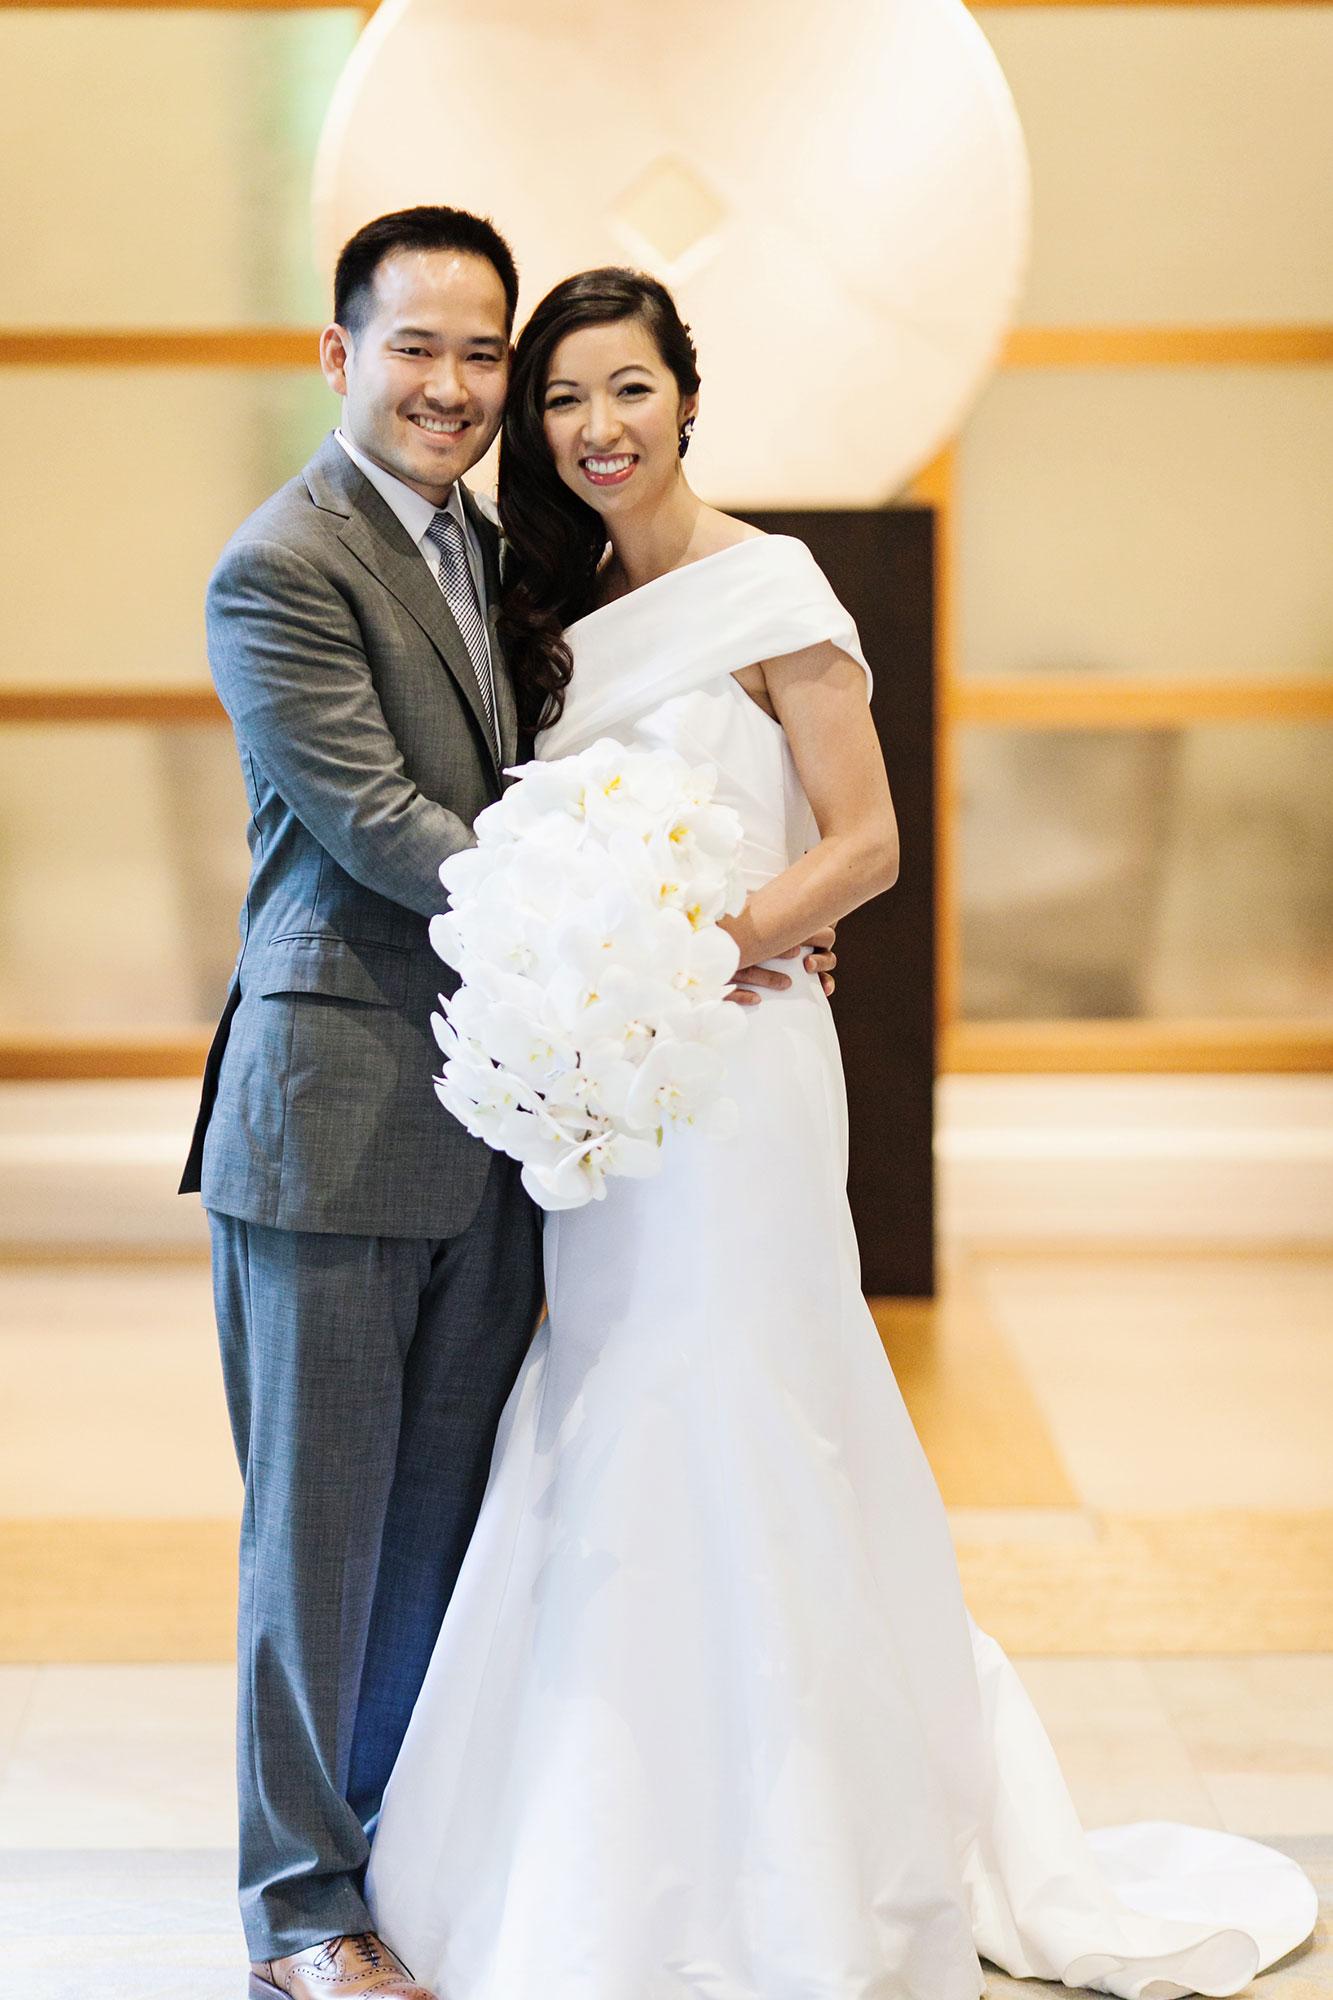 Li & Ken Wedding - Weddings by StarDust